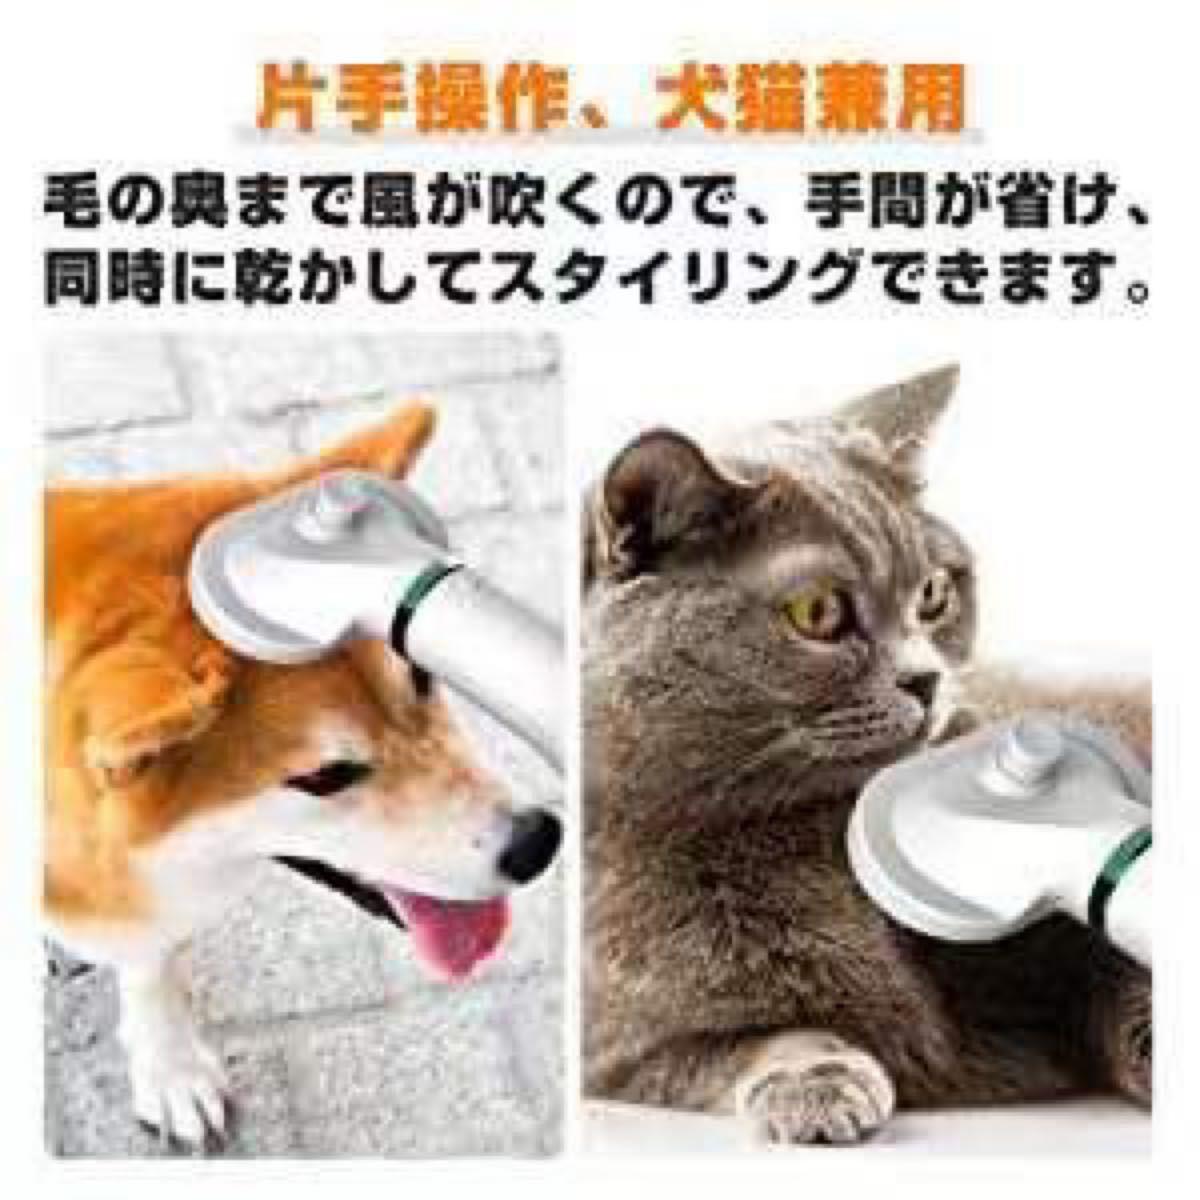 ペットヘアドライヤー 猫犬用グルーミング ペット用品 ドライヤーブラシ片手操作